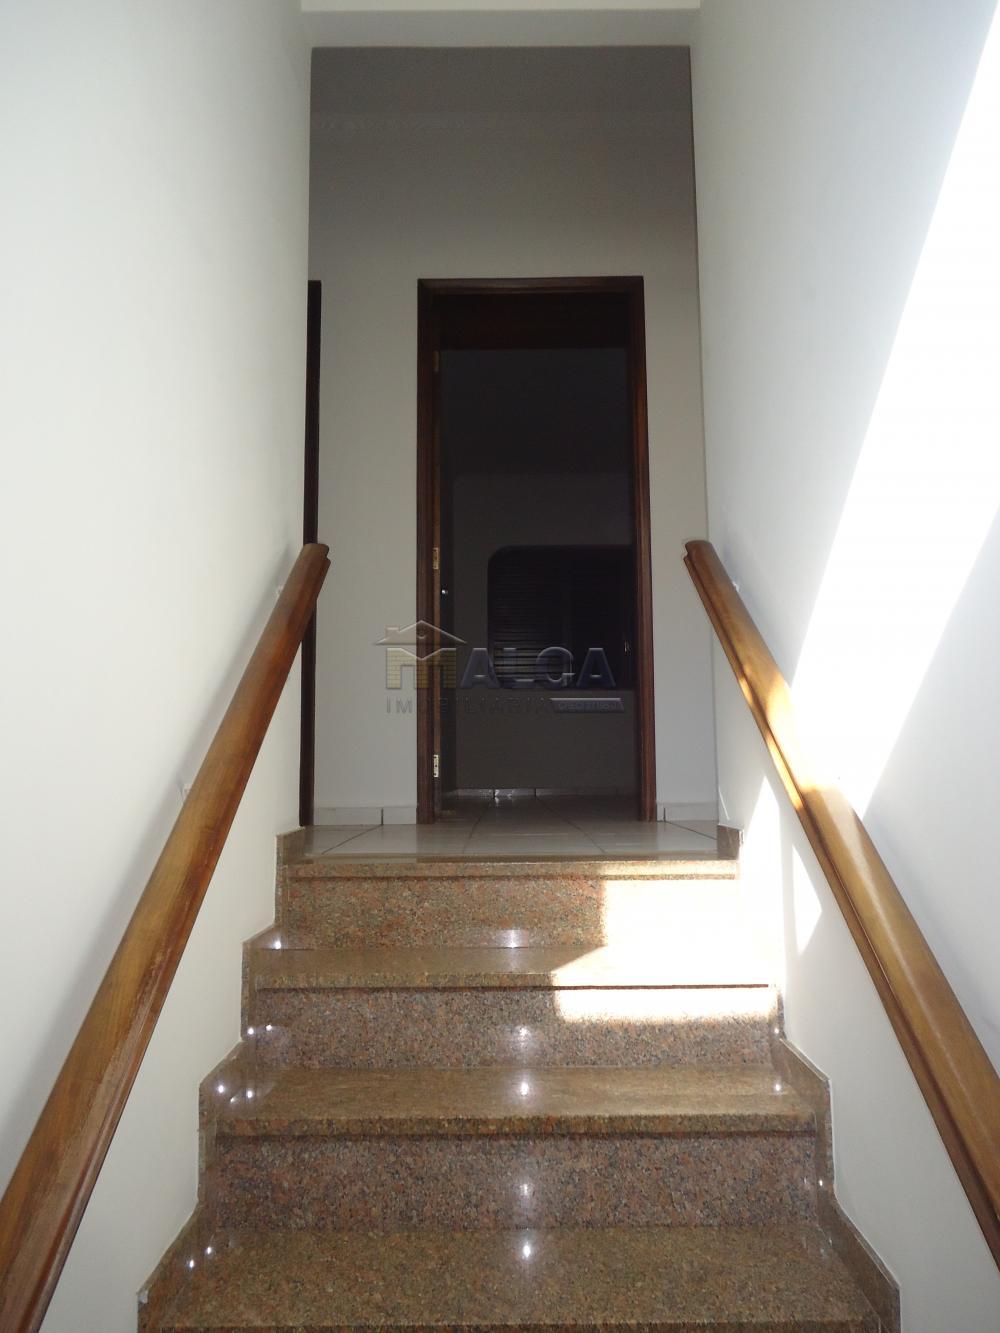 Alugar Casas / Padrão em São José do Rio Pardo apenas R$ 5.500,00 - Foto 12